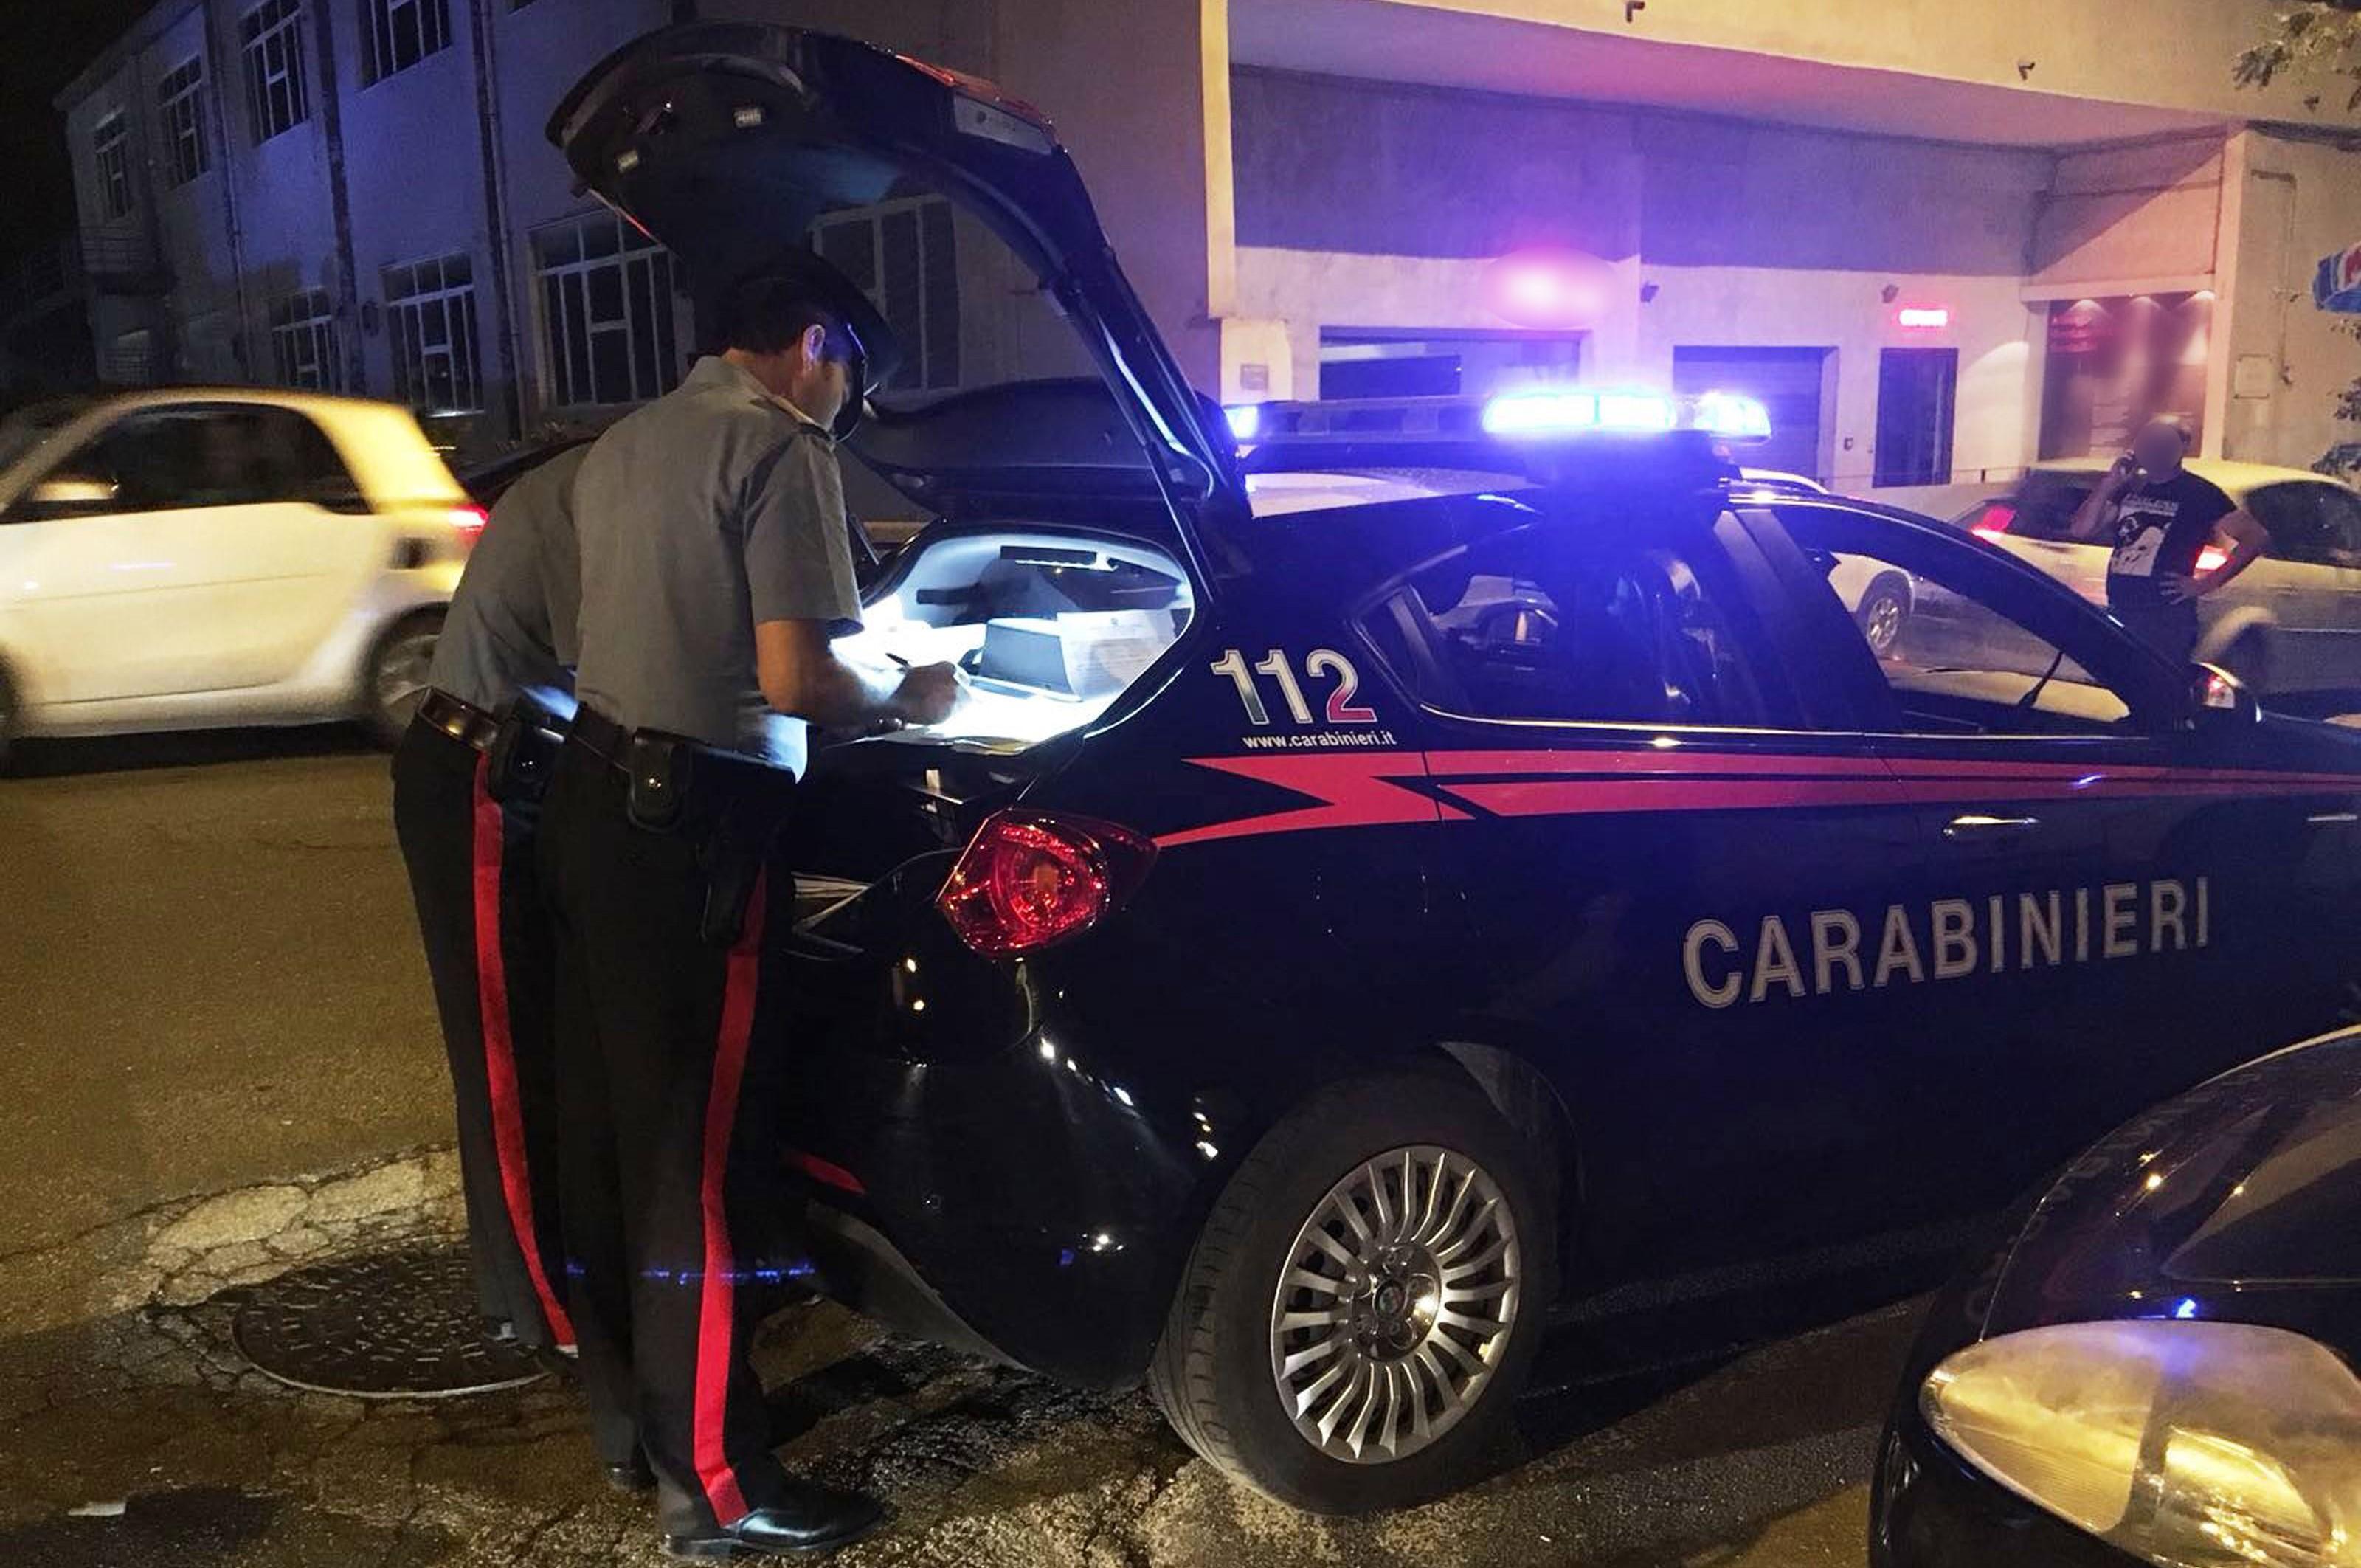 Bagnoli e Fuorigrotta, giro di vite contro i parcheggiatori abusivi